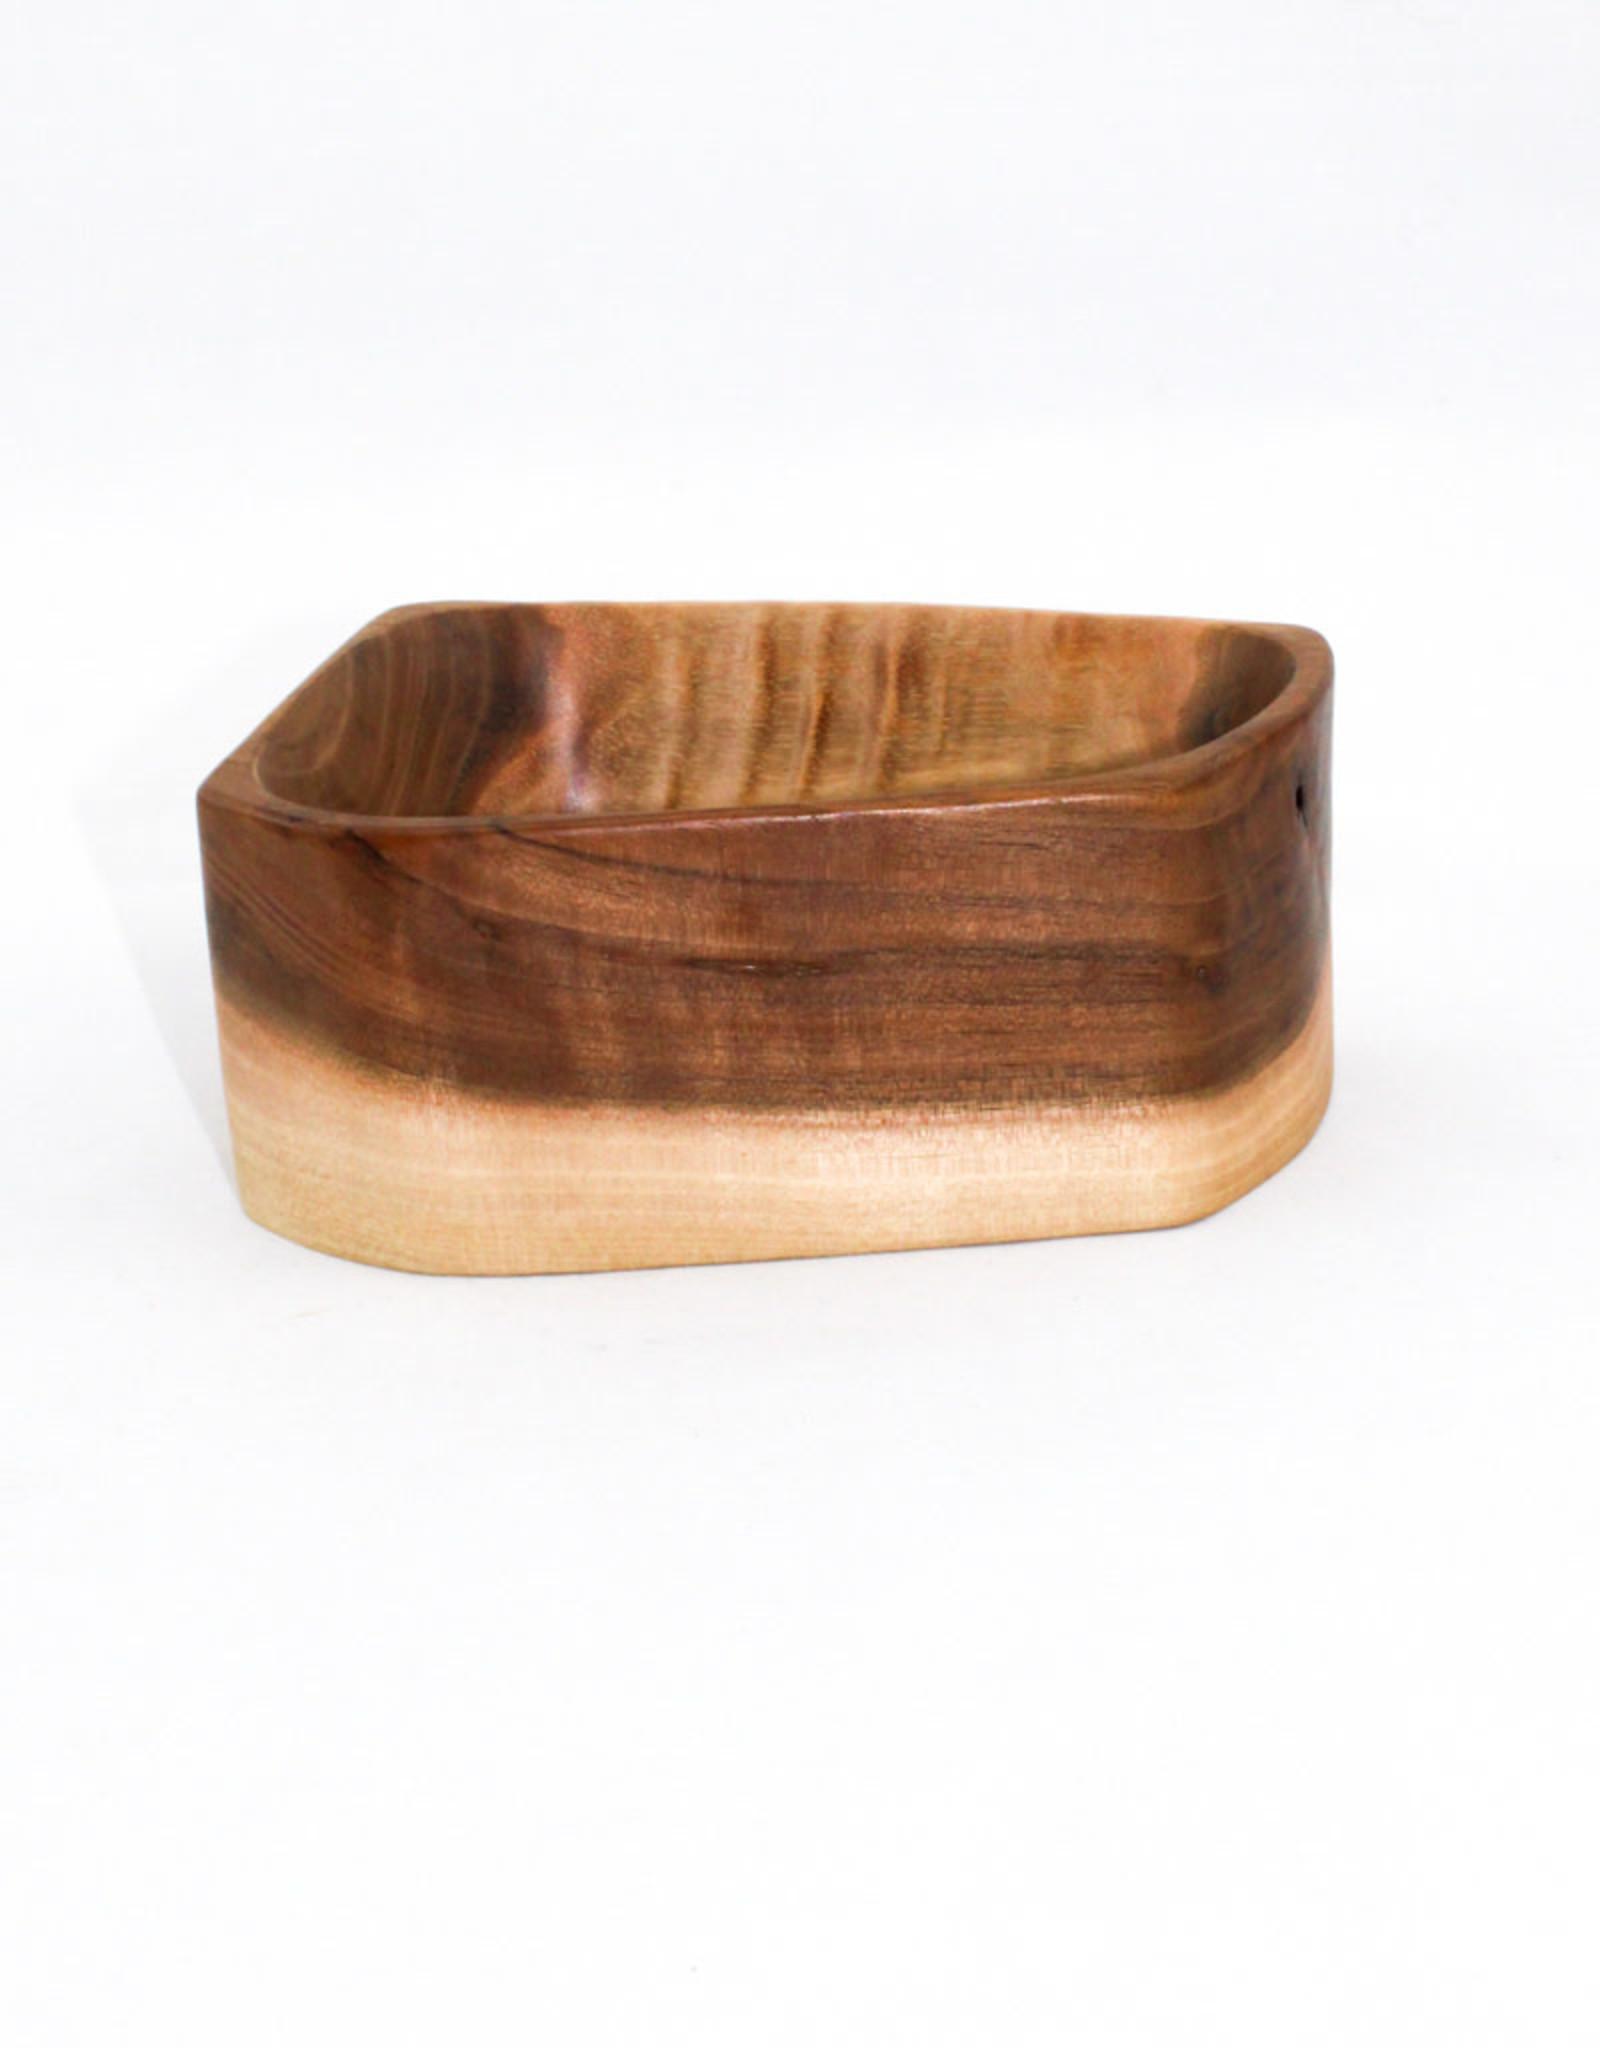 KTN Woodworks Wooden Bowl